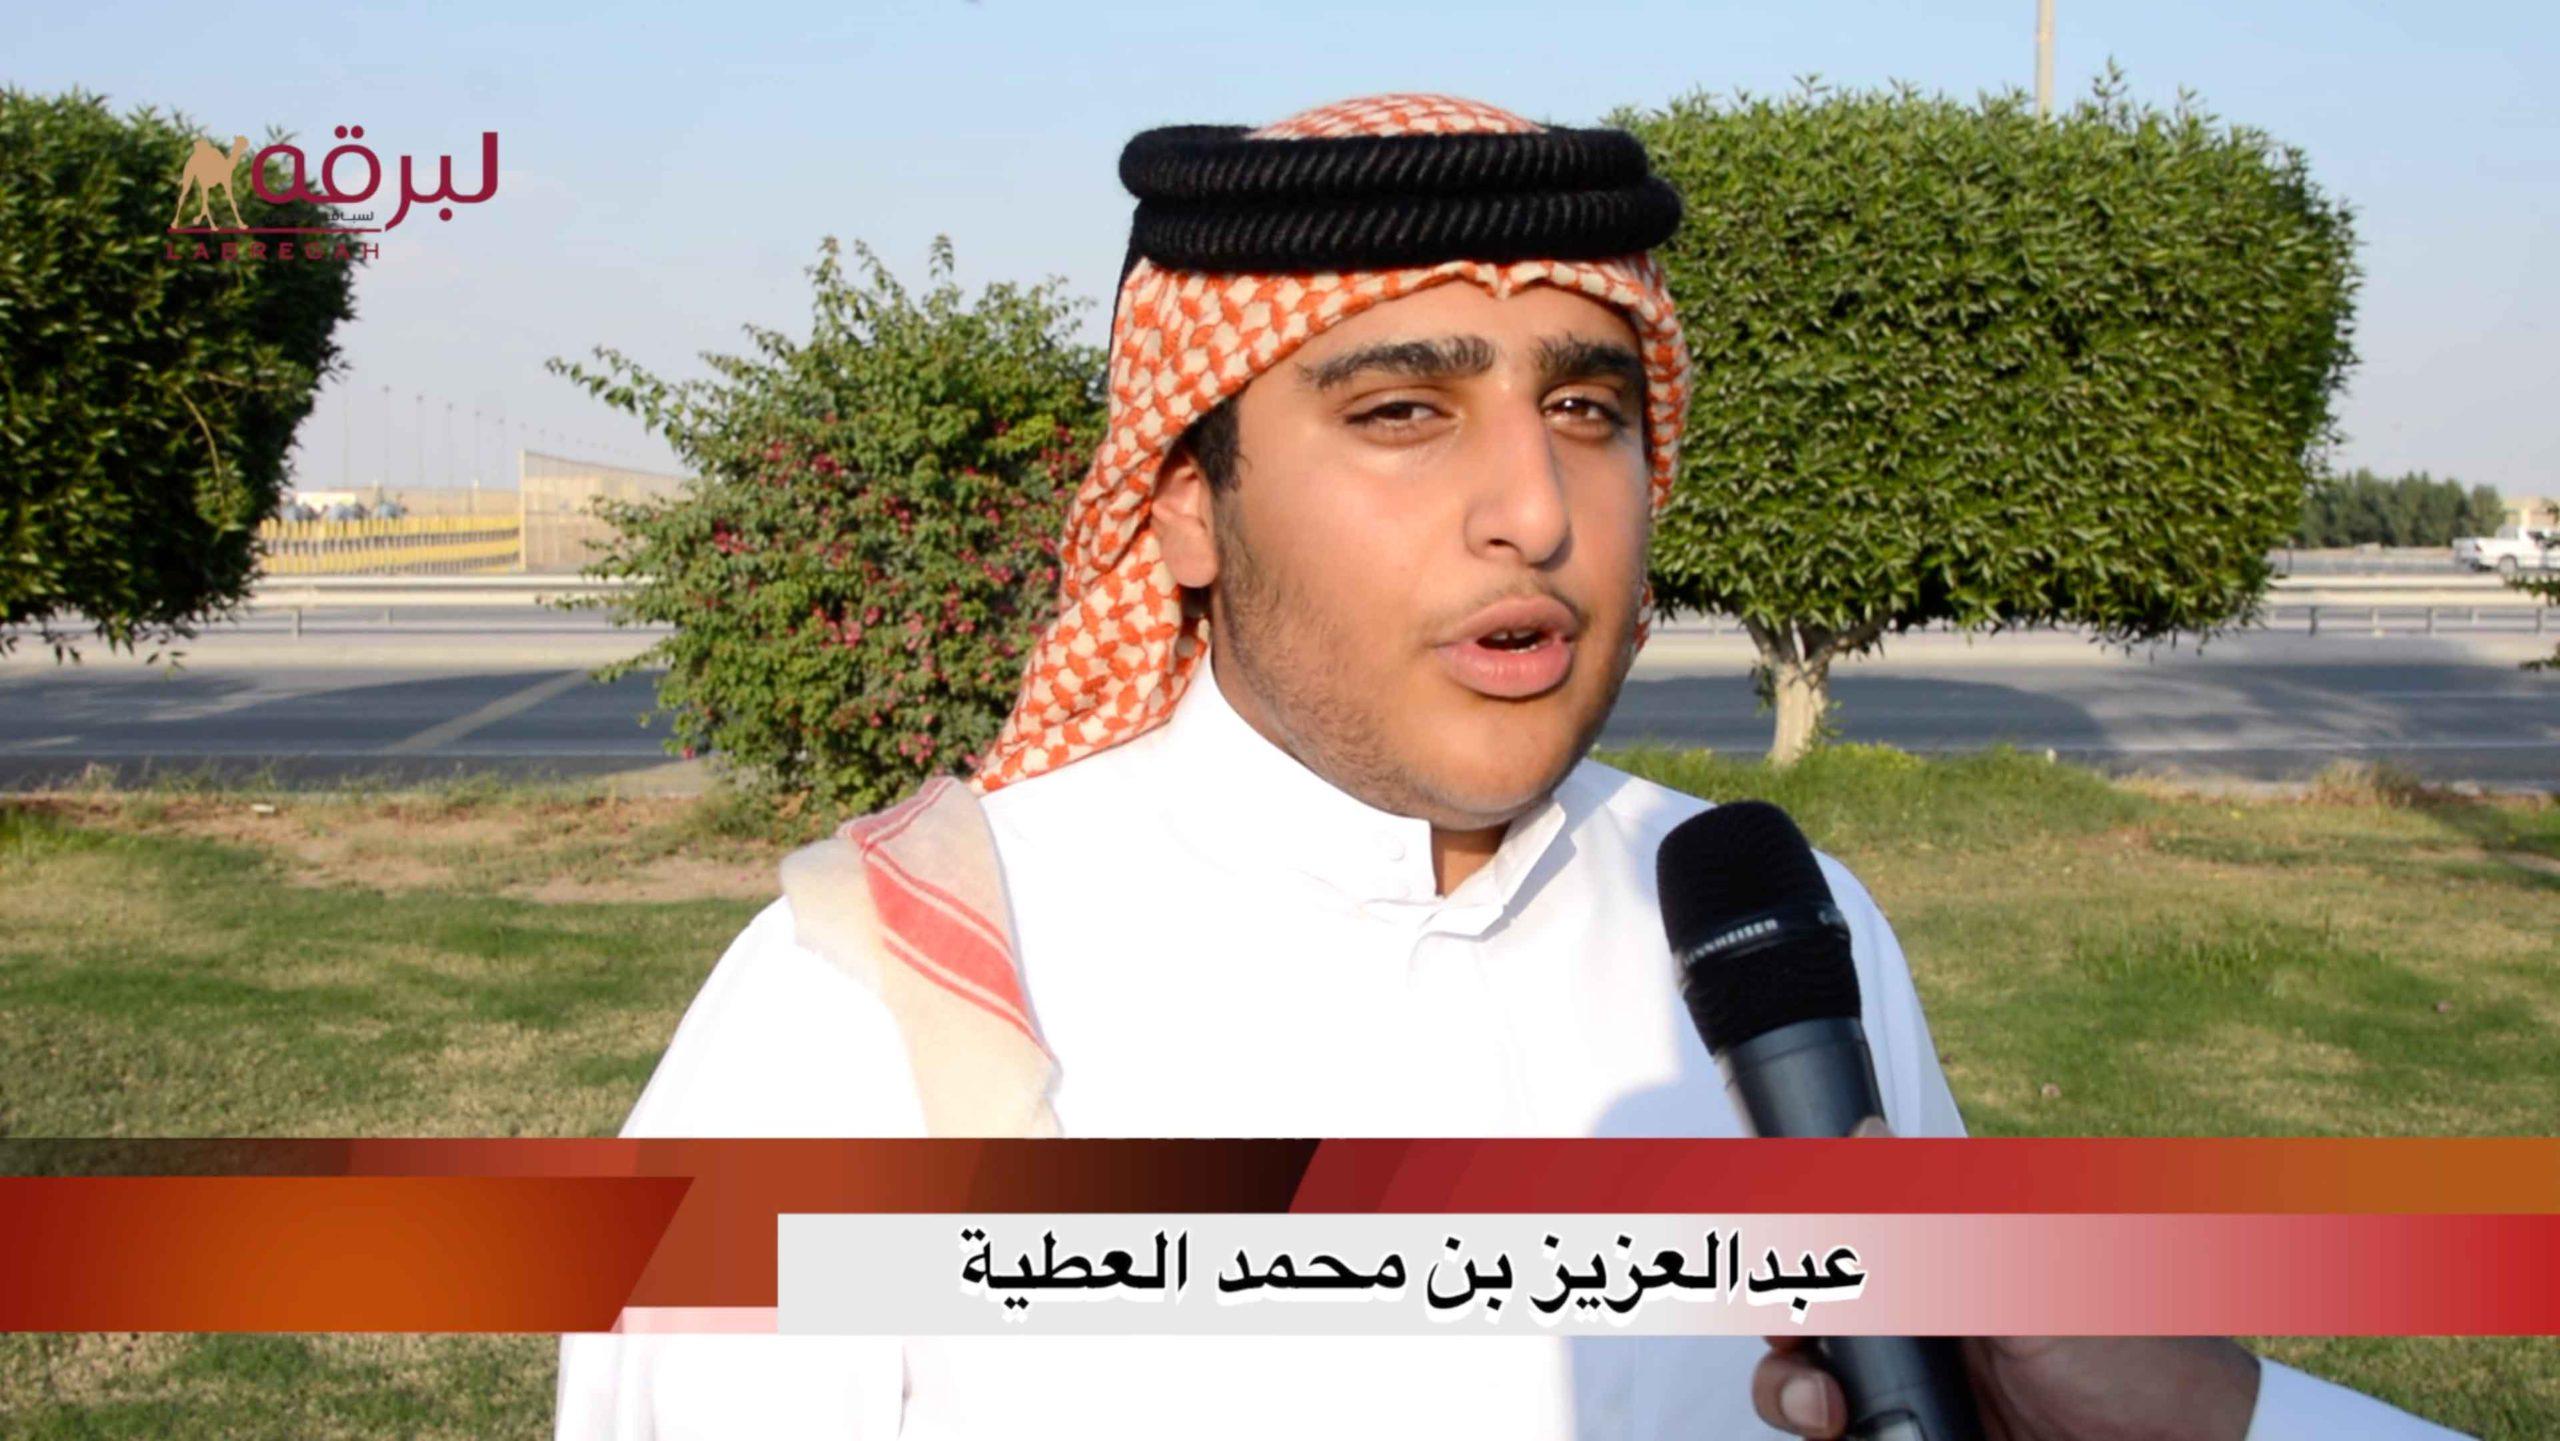 لقاء مع عبدالعزيز بن محمد العطية.. الخنجر الذهبي جذاع قعدان « مفتوح » الأشواط المفتوحة ٣-١٢-٢٠٢٠